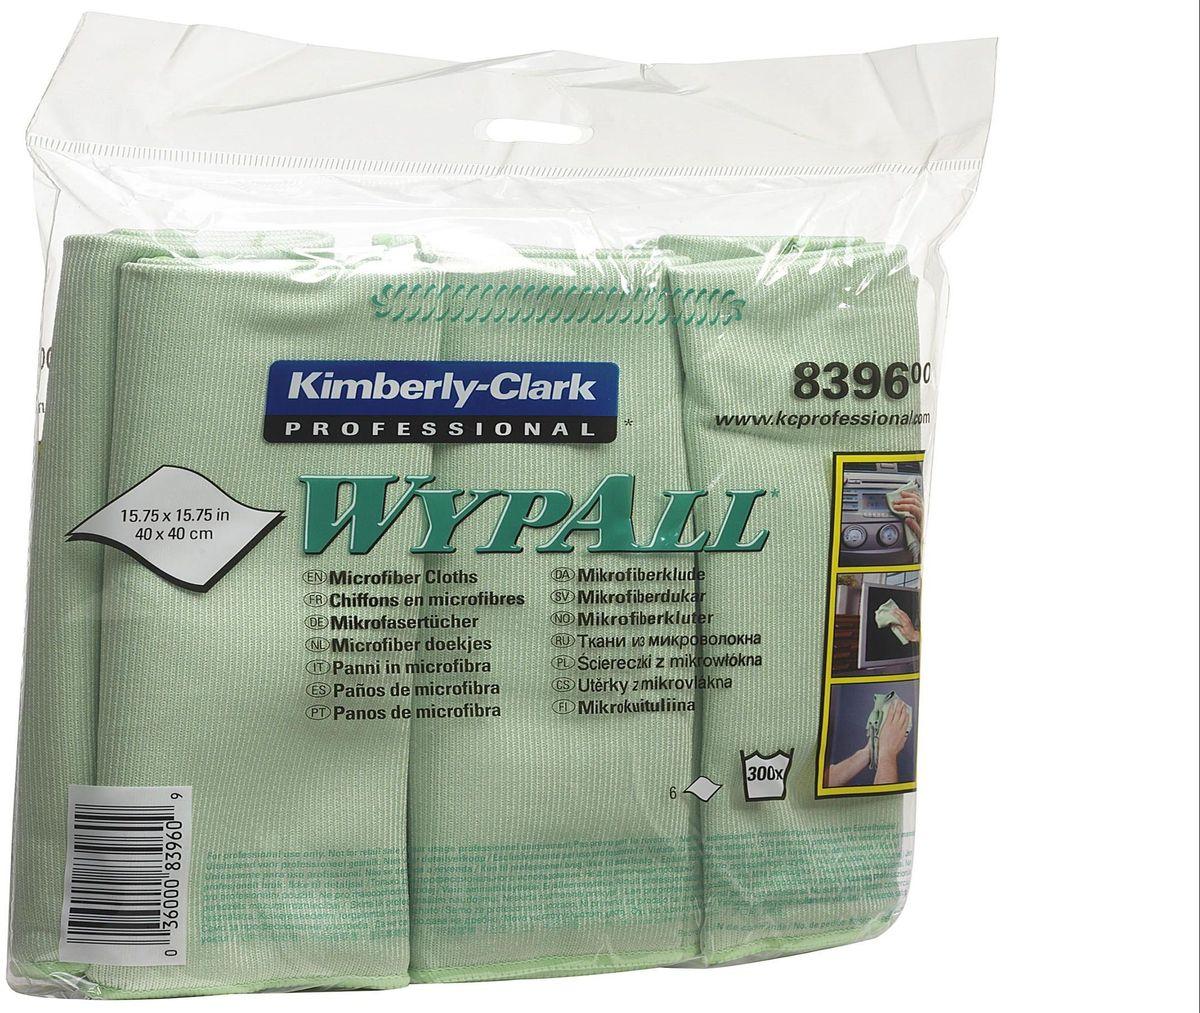 Салфетка протирочная Wypall, цвет: зеленый, 40 х 40 см, 6 шт. 83968396Универсальные высококачественные салфетки из микрофибры с цветовой кодировкой уменьшают риск перекрестного загрязнения, обеспечивают очистку без применения химикатов и помогают снизить затраты. Идеальное решение для очистки рабочих столов и поверхностей; очистка стекол и зеркал без разводов при помощи зеленых салфеток из микрофибры; повышение уровня гигиены. Формат поставки: сложенные протирочные салфетки, упакованные в 4 полиэтиленовых пакета для защиты от брызг и воды по 6 штук, обеспечивающий мгновенный доступ к гигиенически-защищенным салфеткам на рабочем месте. 8394 - желтый 8395 - синий 8396 - зеленый (специально для стекол) 8397 - красный